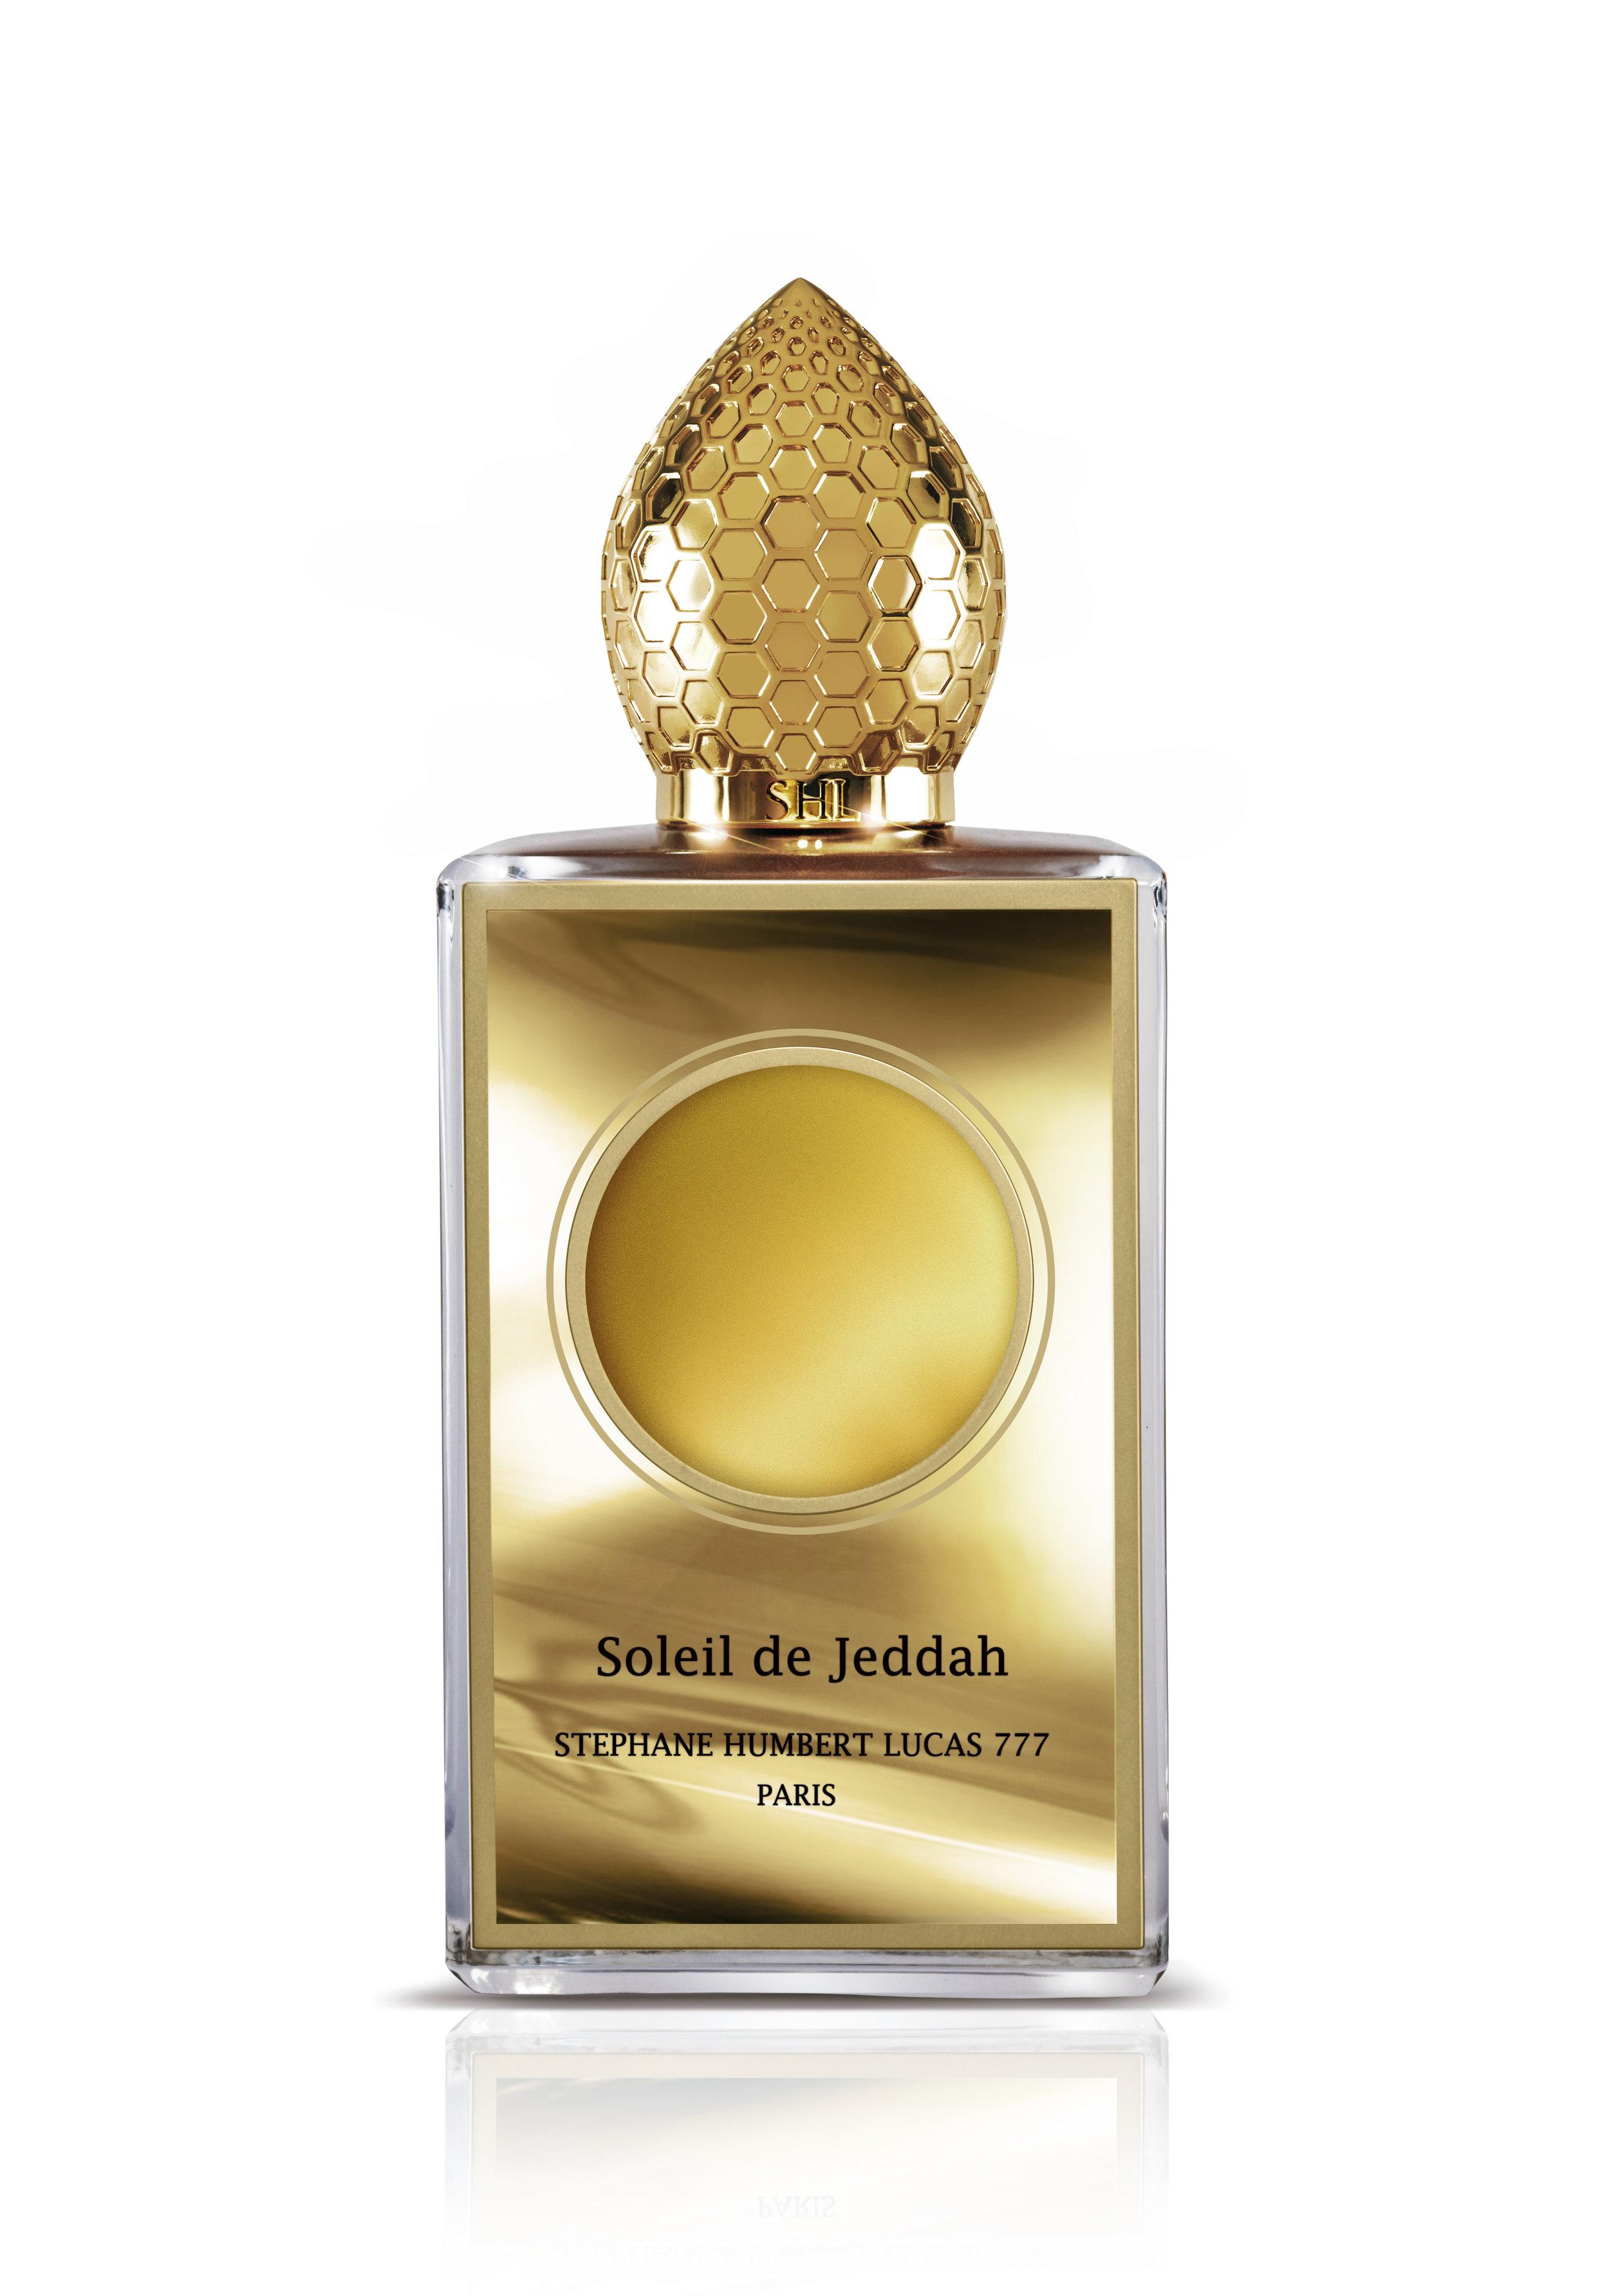 Soleil de Jeddah XL